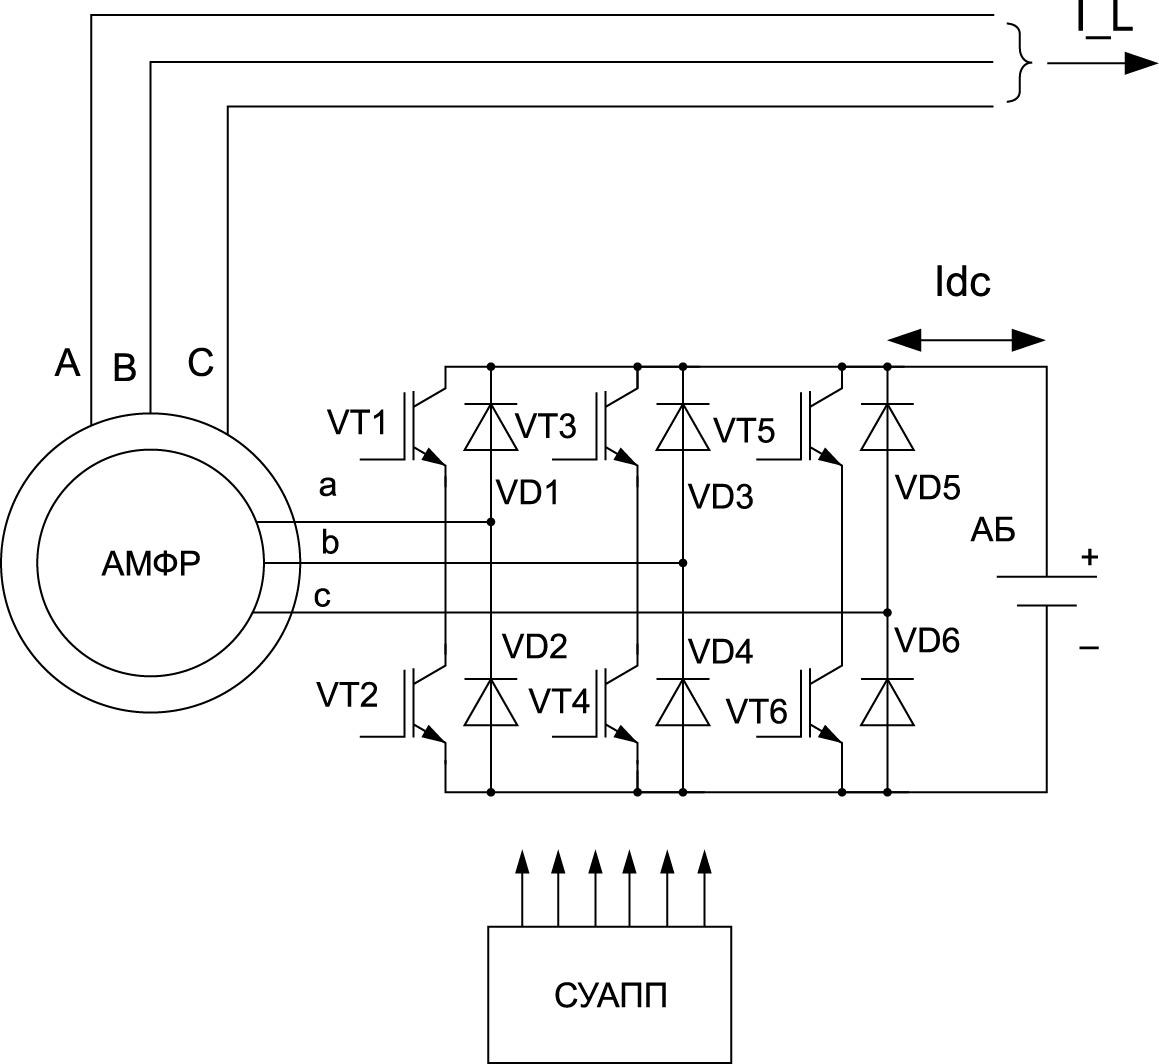 Функциональная схема гибридной генераторной установки с АМФР